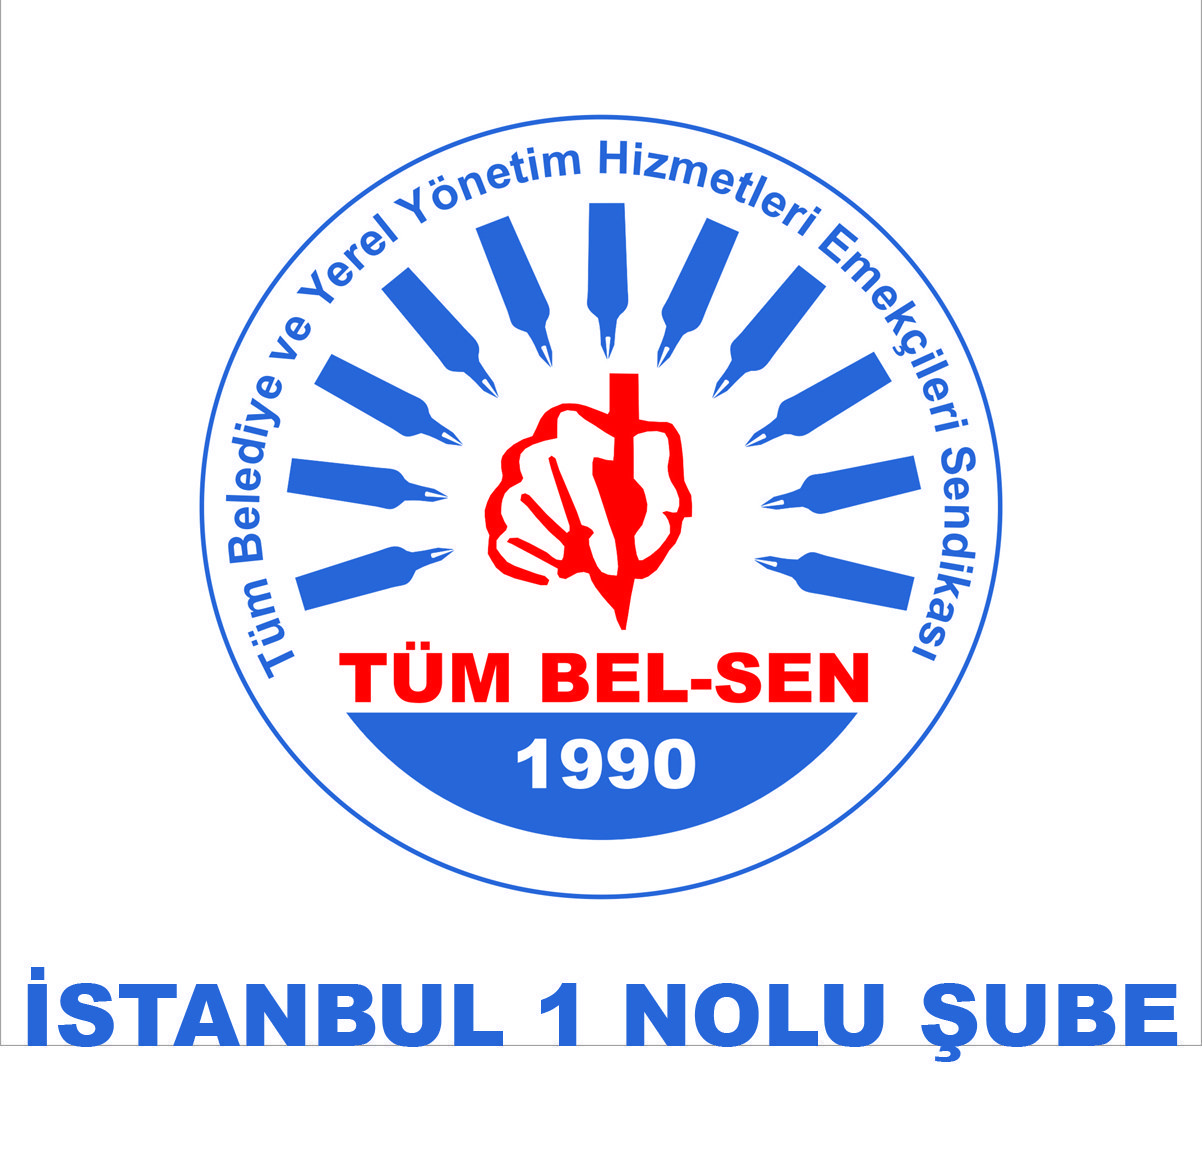 TÜM BEL SEN İSTANBUL 1 NOLU ŞUBE GENEL KURUL DUYURUSU